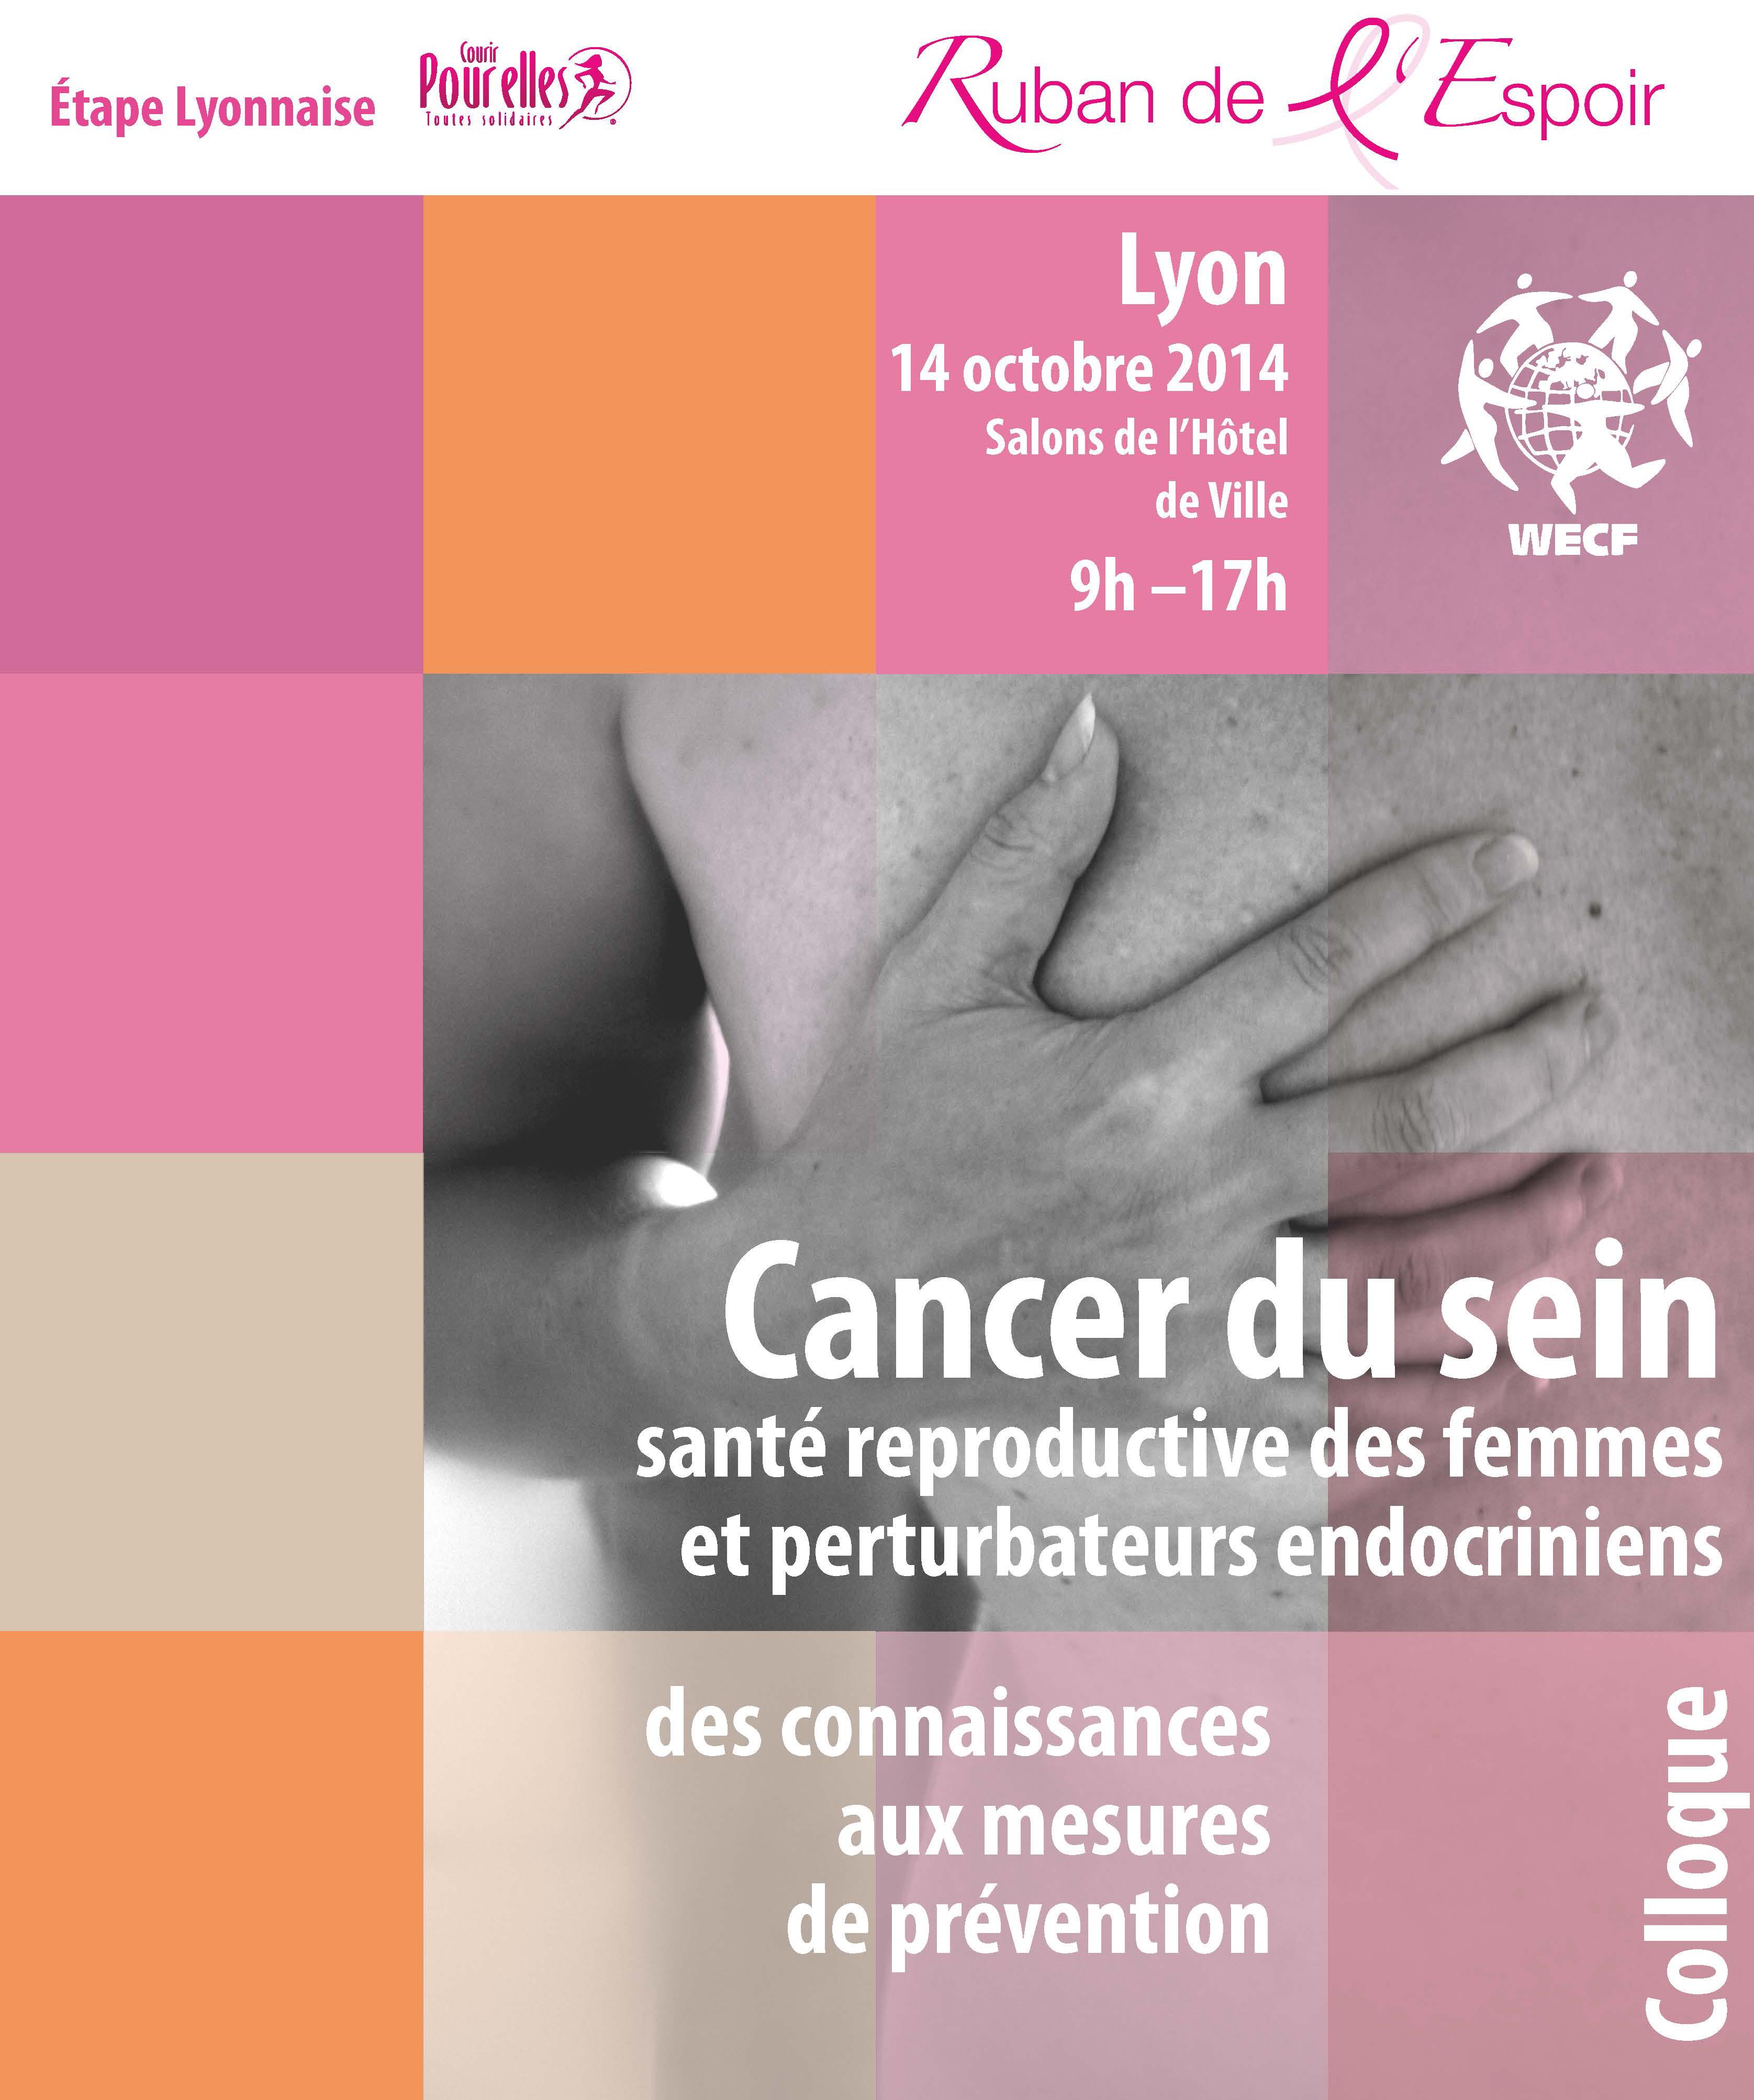 Cancer du sein : dialogue transatlantique pour une prévention de terrain